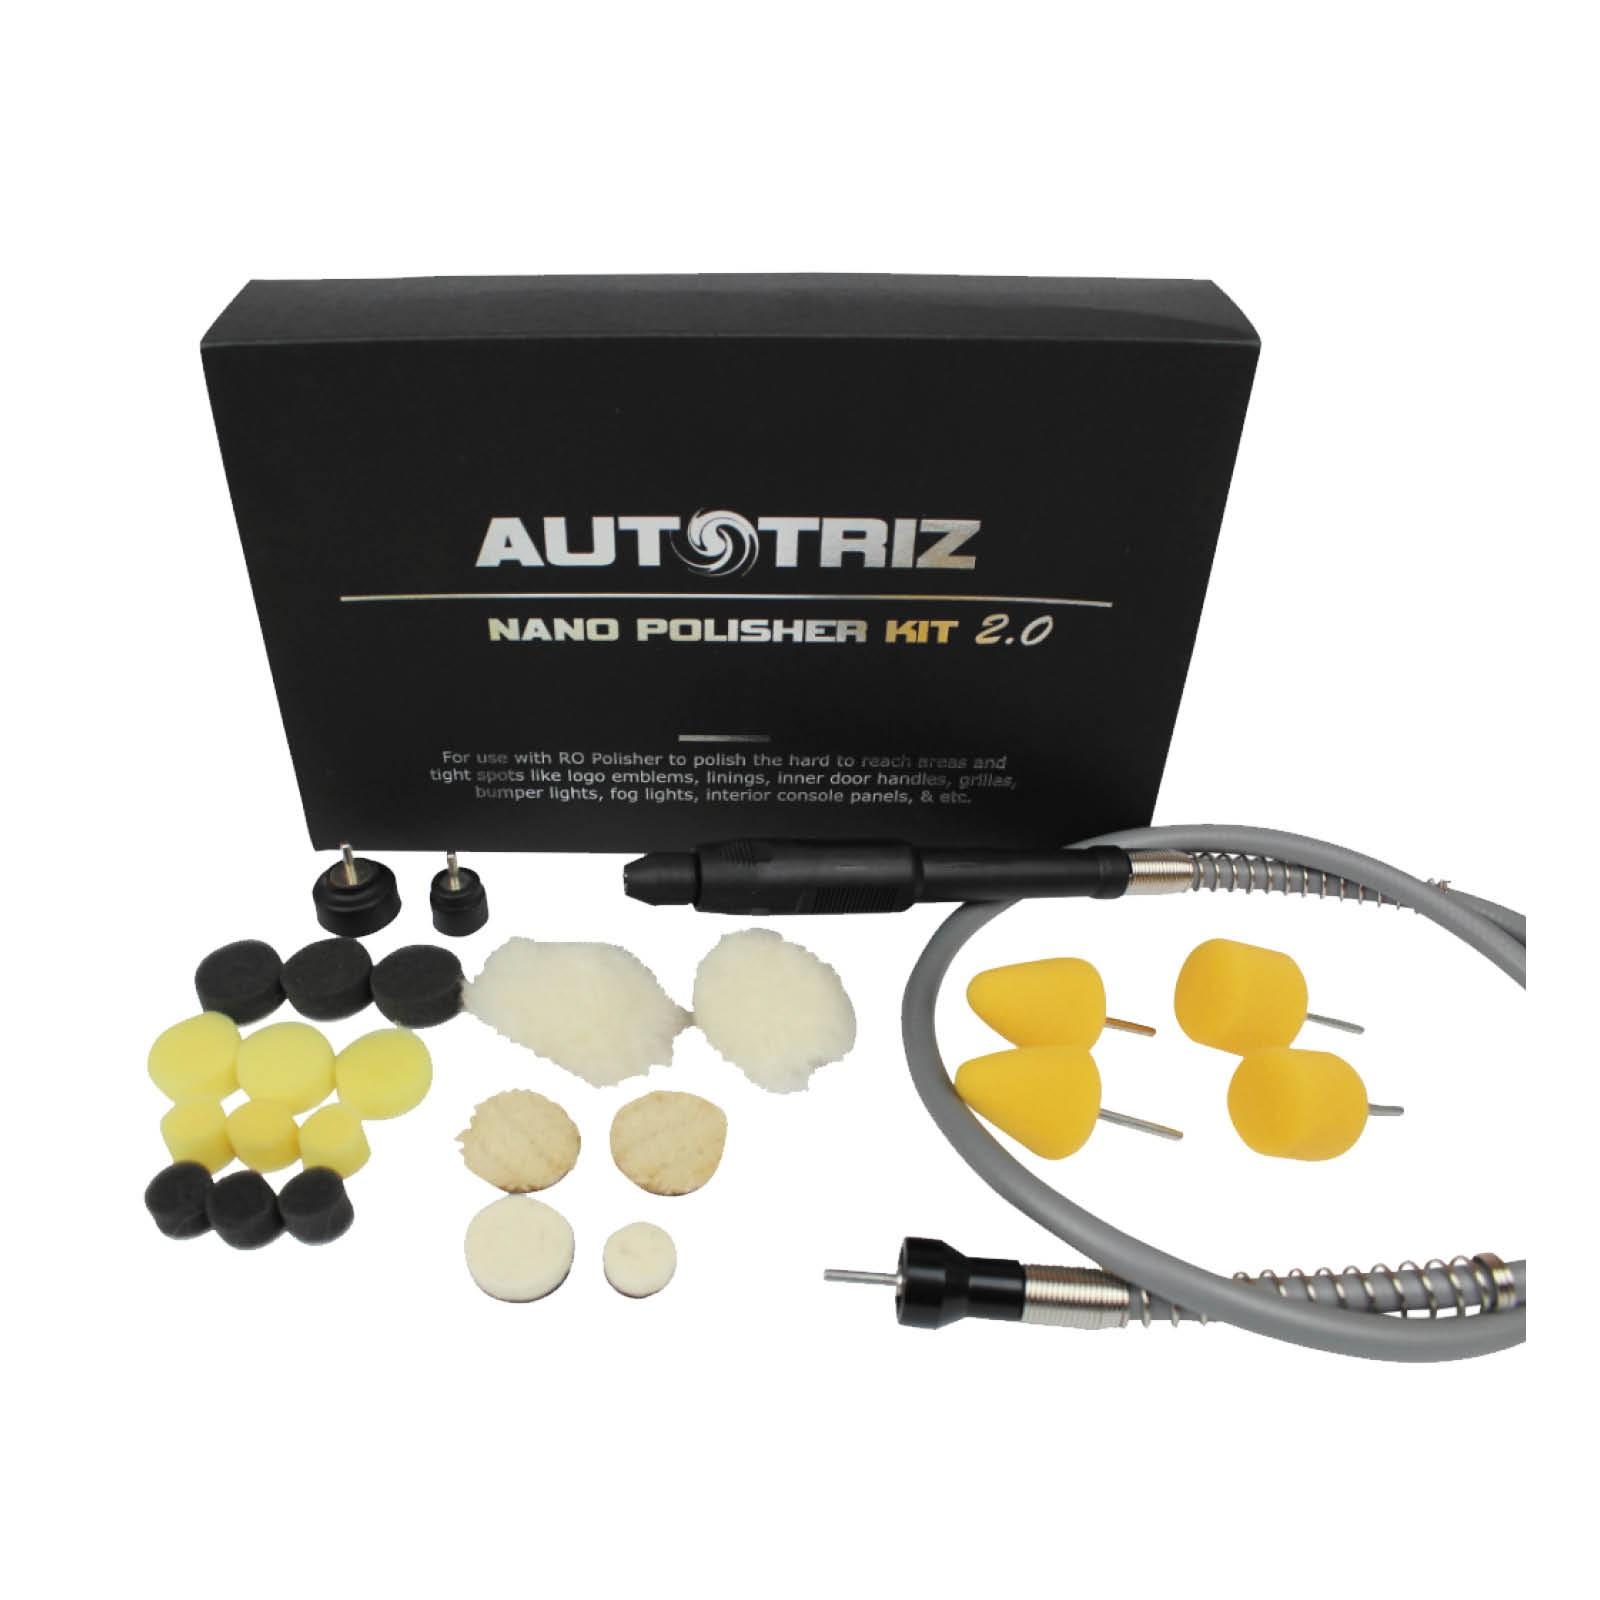 Autotriz Nano Polisher Kit 2.0 Deluxe kit